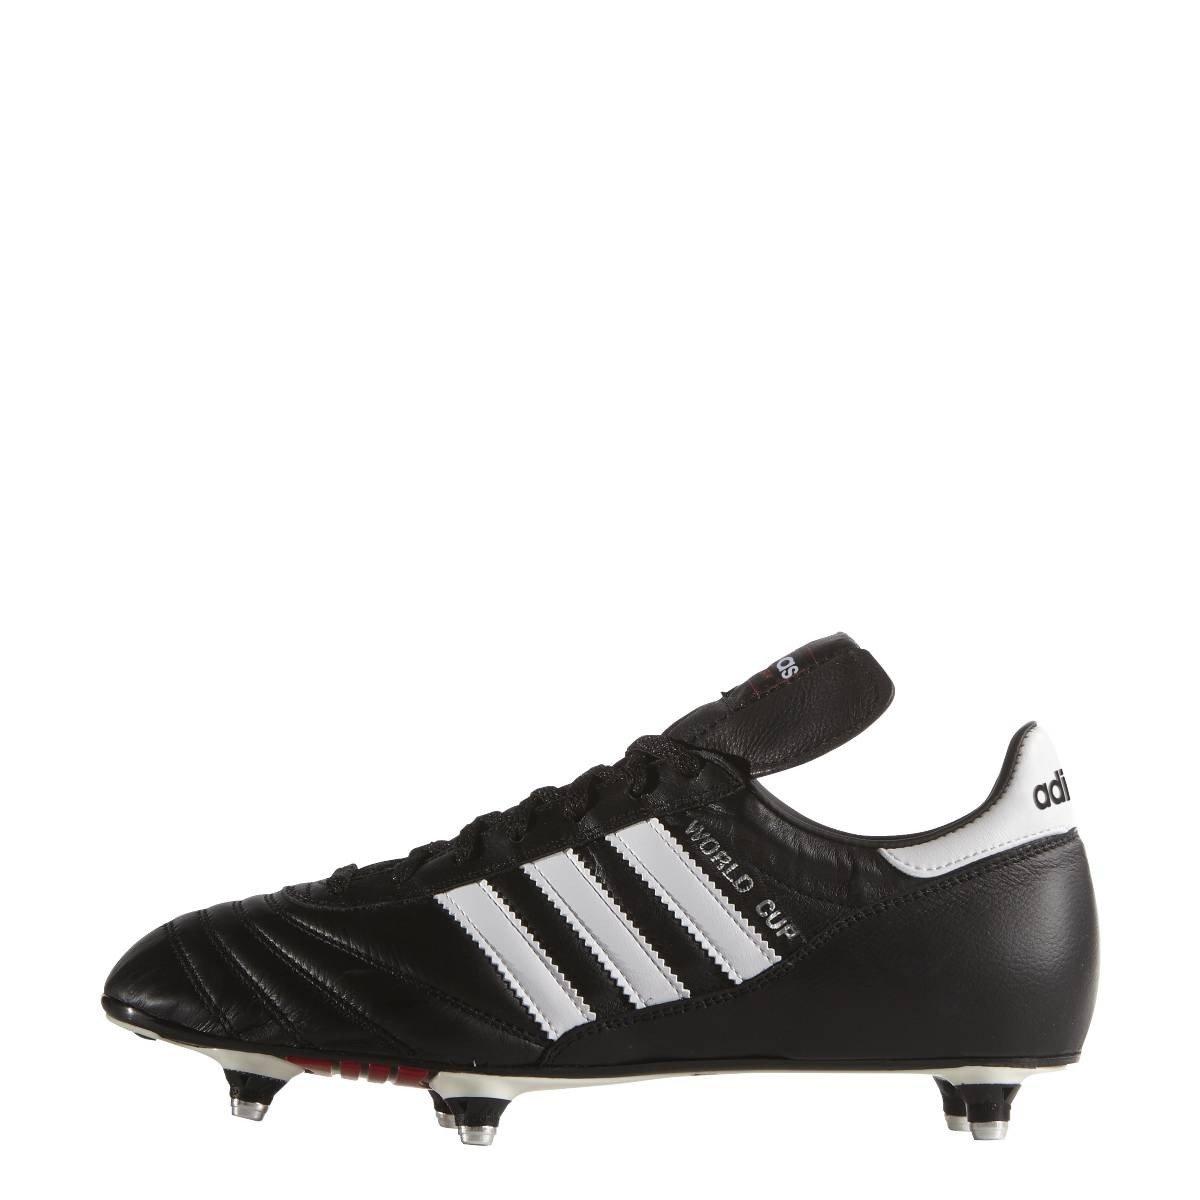 adidas World Cup Herren Herren Cup Fußballschuhe Schwarz e34b3f